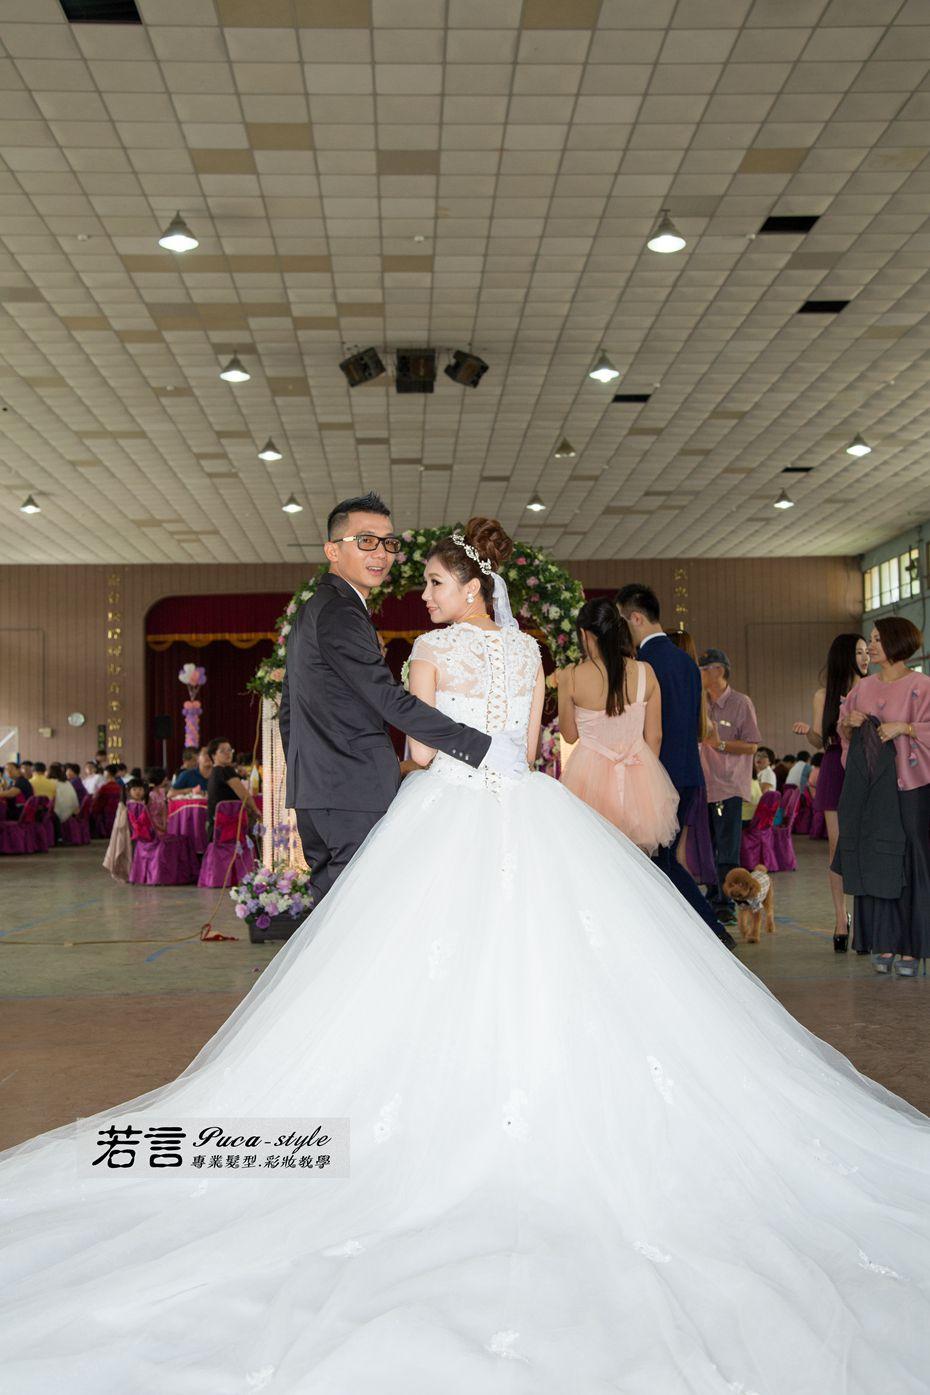 南臺灣新娘秘書韓式(噴槍)新秘團隊(編號:262755) - 若言造型團隊-噴槍底妝/陶瓷妝感 - 結婚吧